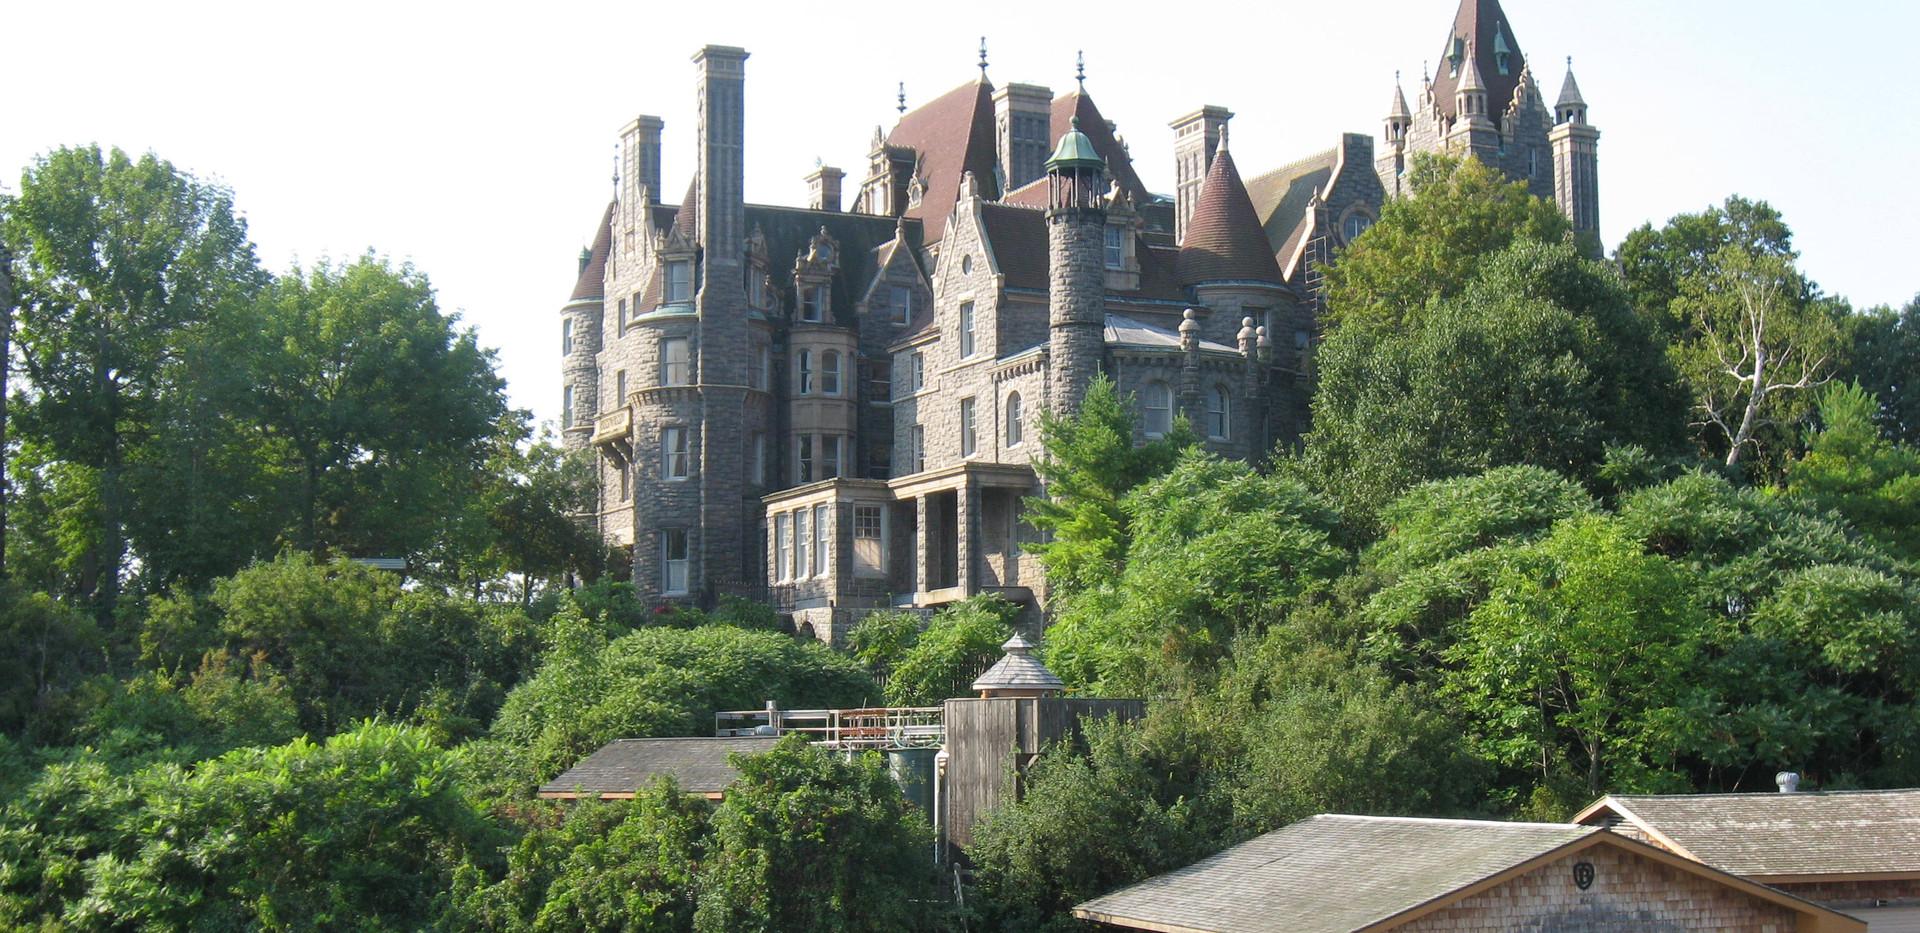 Boldt_Castle_on_Heart_Island_-_Thousand_